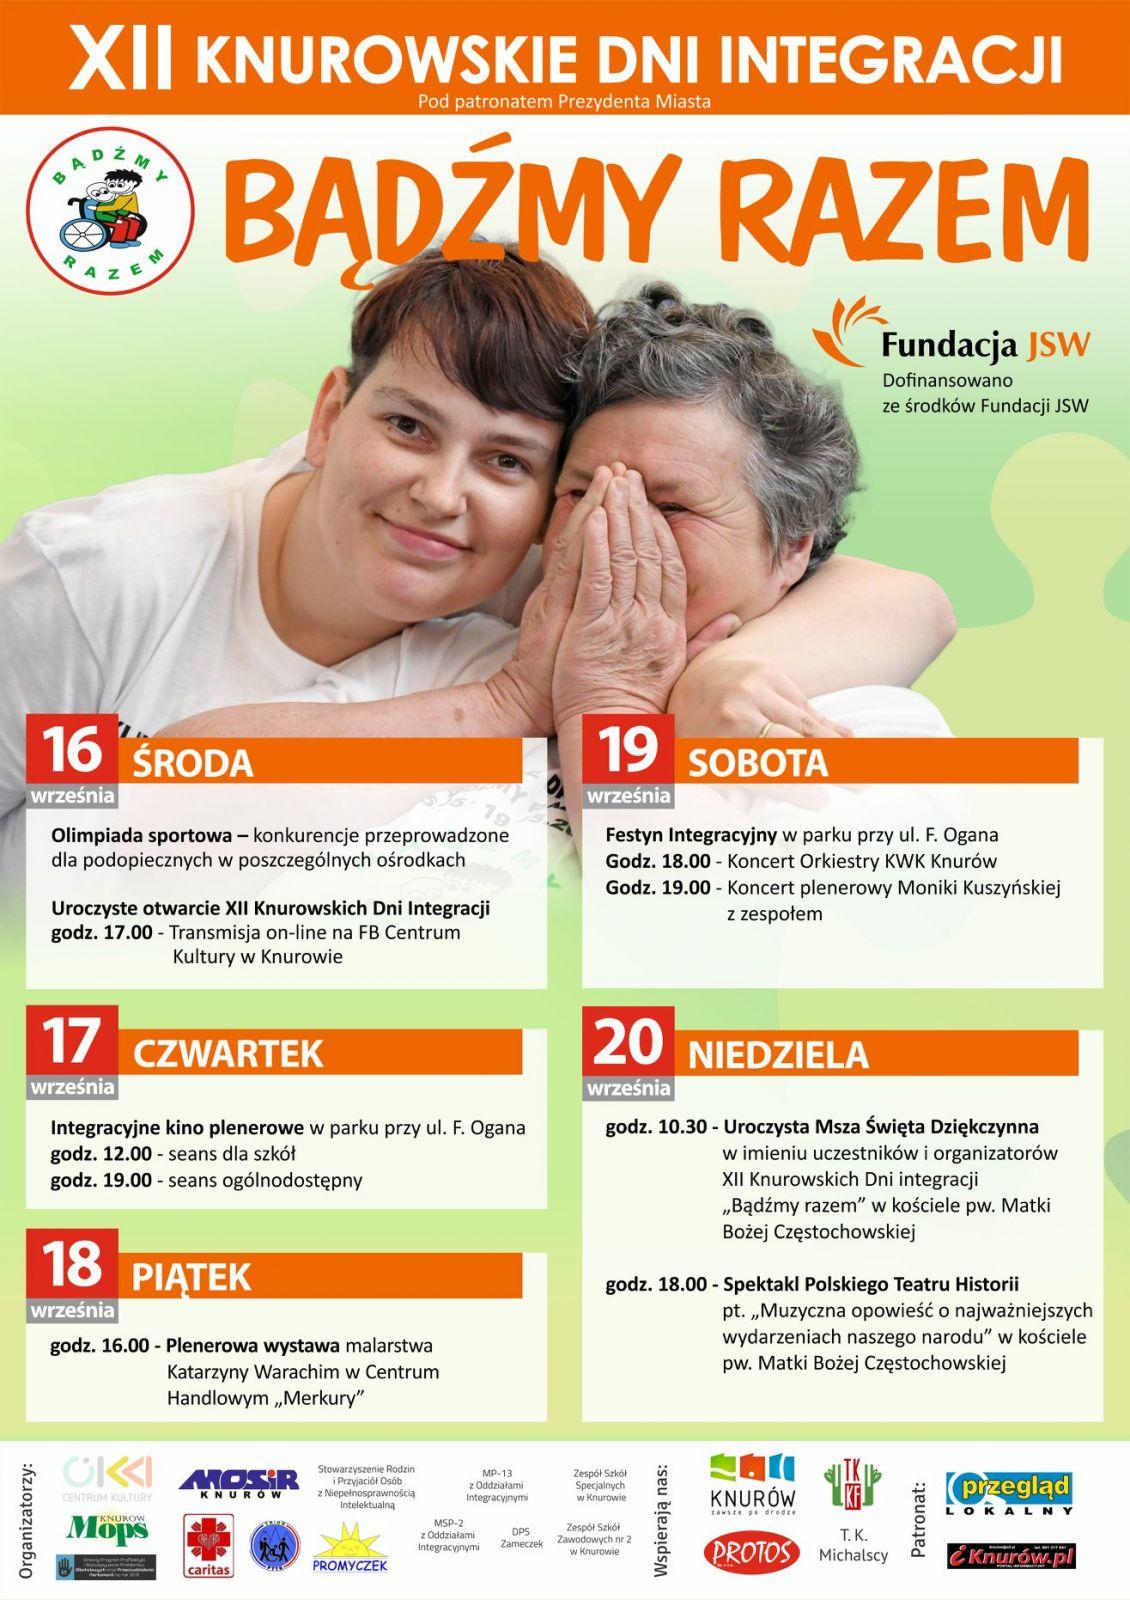 Plakat przedstawiający program dwunastych Knurowskich Dni Integracji